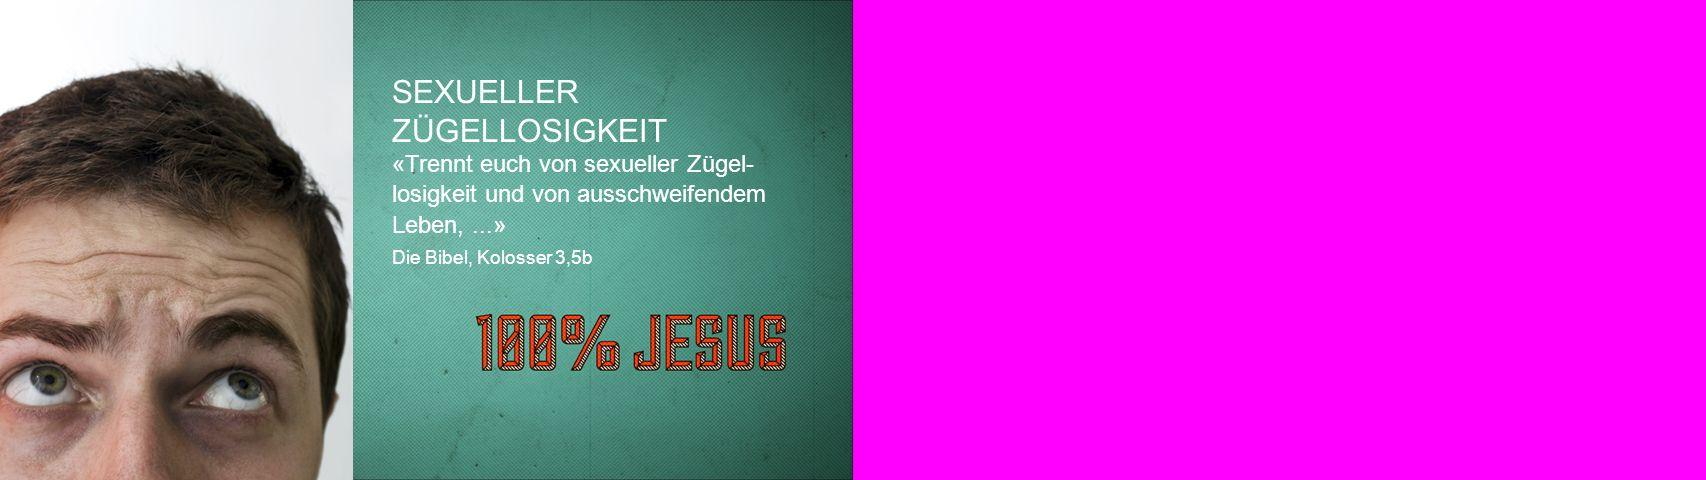 SEXUELLER ZÜGELLOSIGKEIT «Trennt euch von sexueller Zügel- losigkeit und von ausschweifendem Leben,...» Die Bibel, Kolosser 3,5b